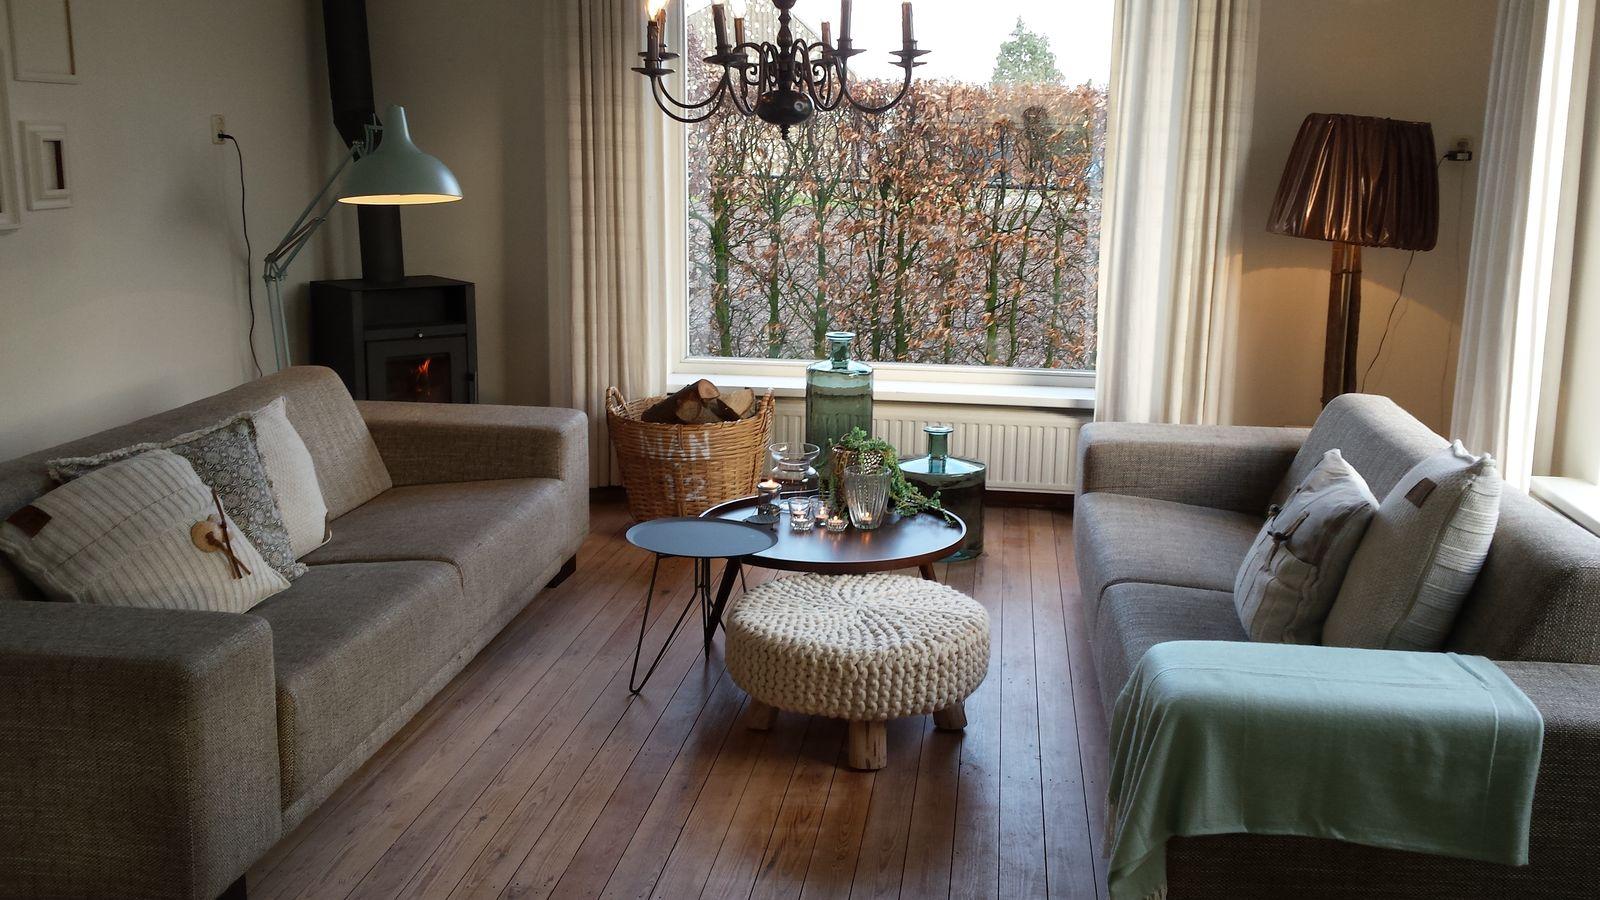 Afbeelding van Leenderhuis Brabant - vakantiehuis voor groepen